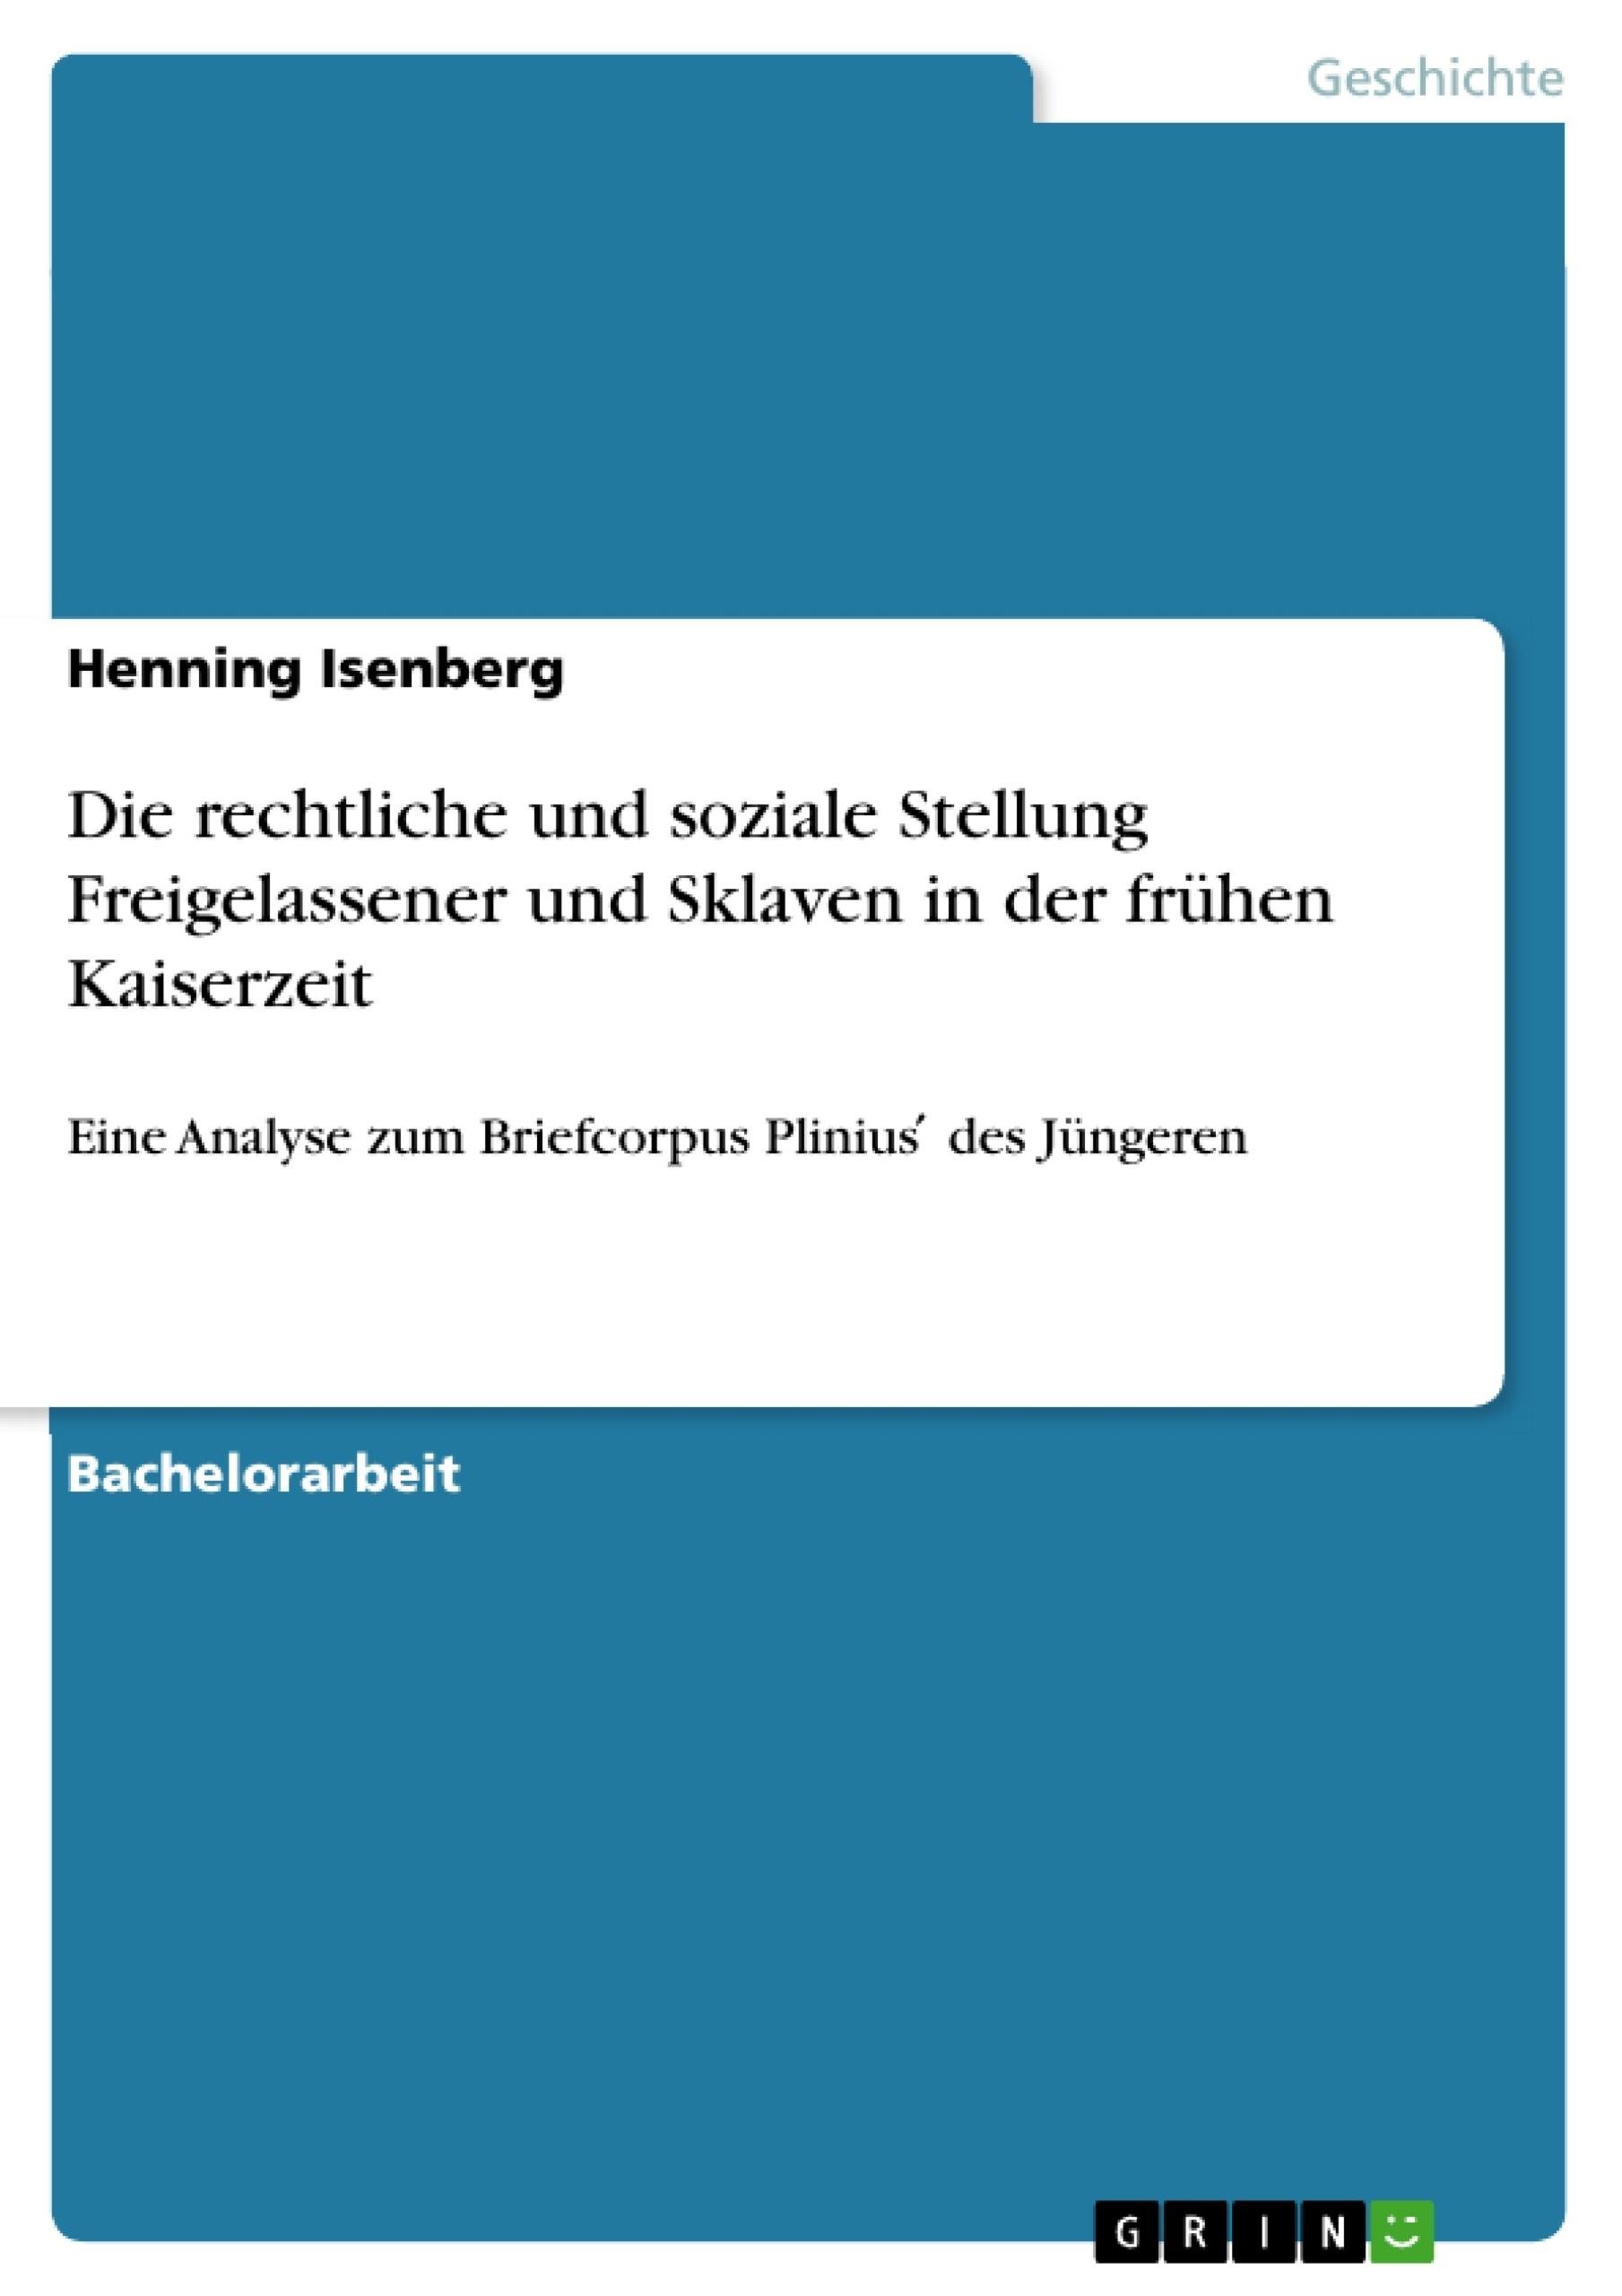 Titel: Die rechtliche und soziale Stellung Freigelassener und Sklaven in der frühen Kaiserzeit